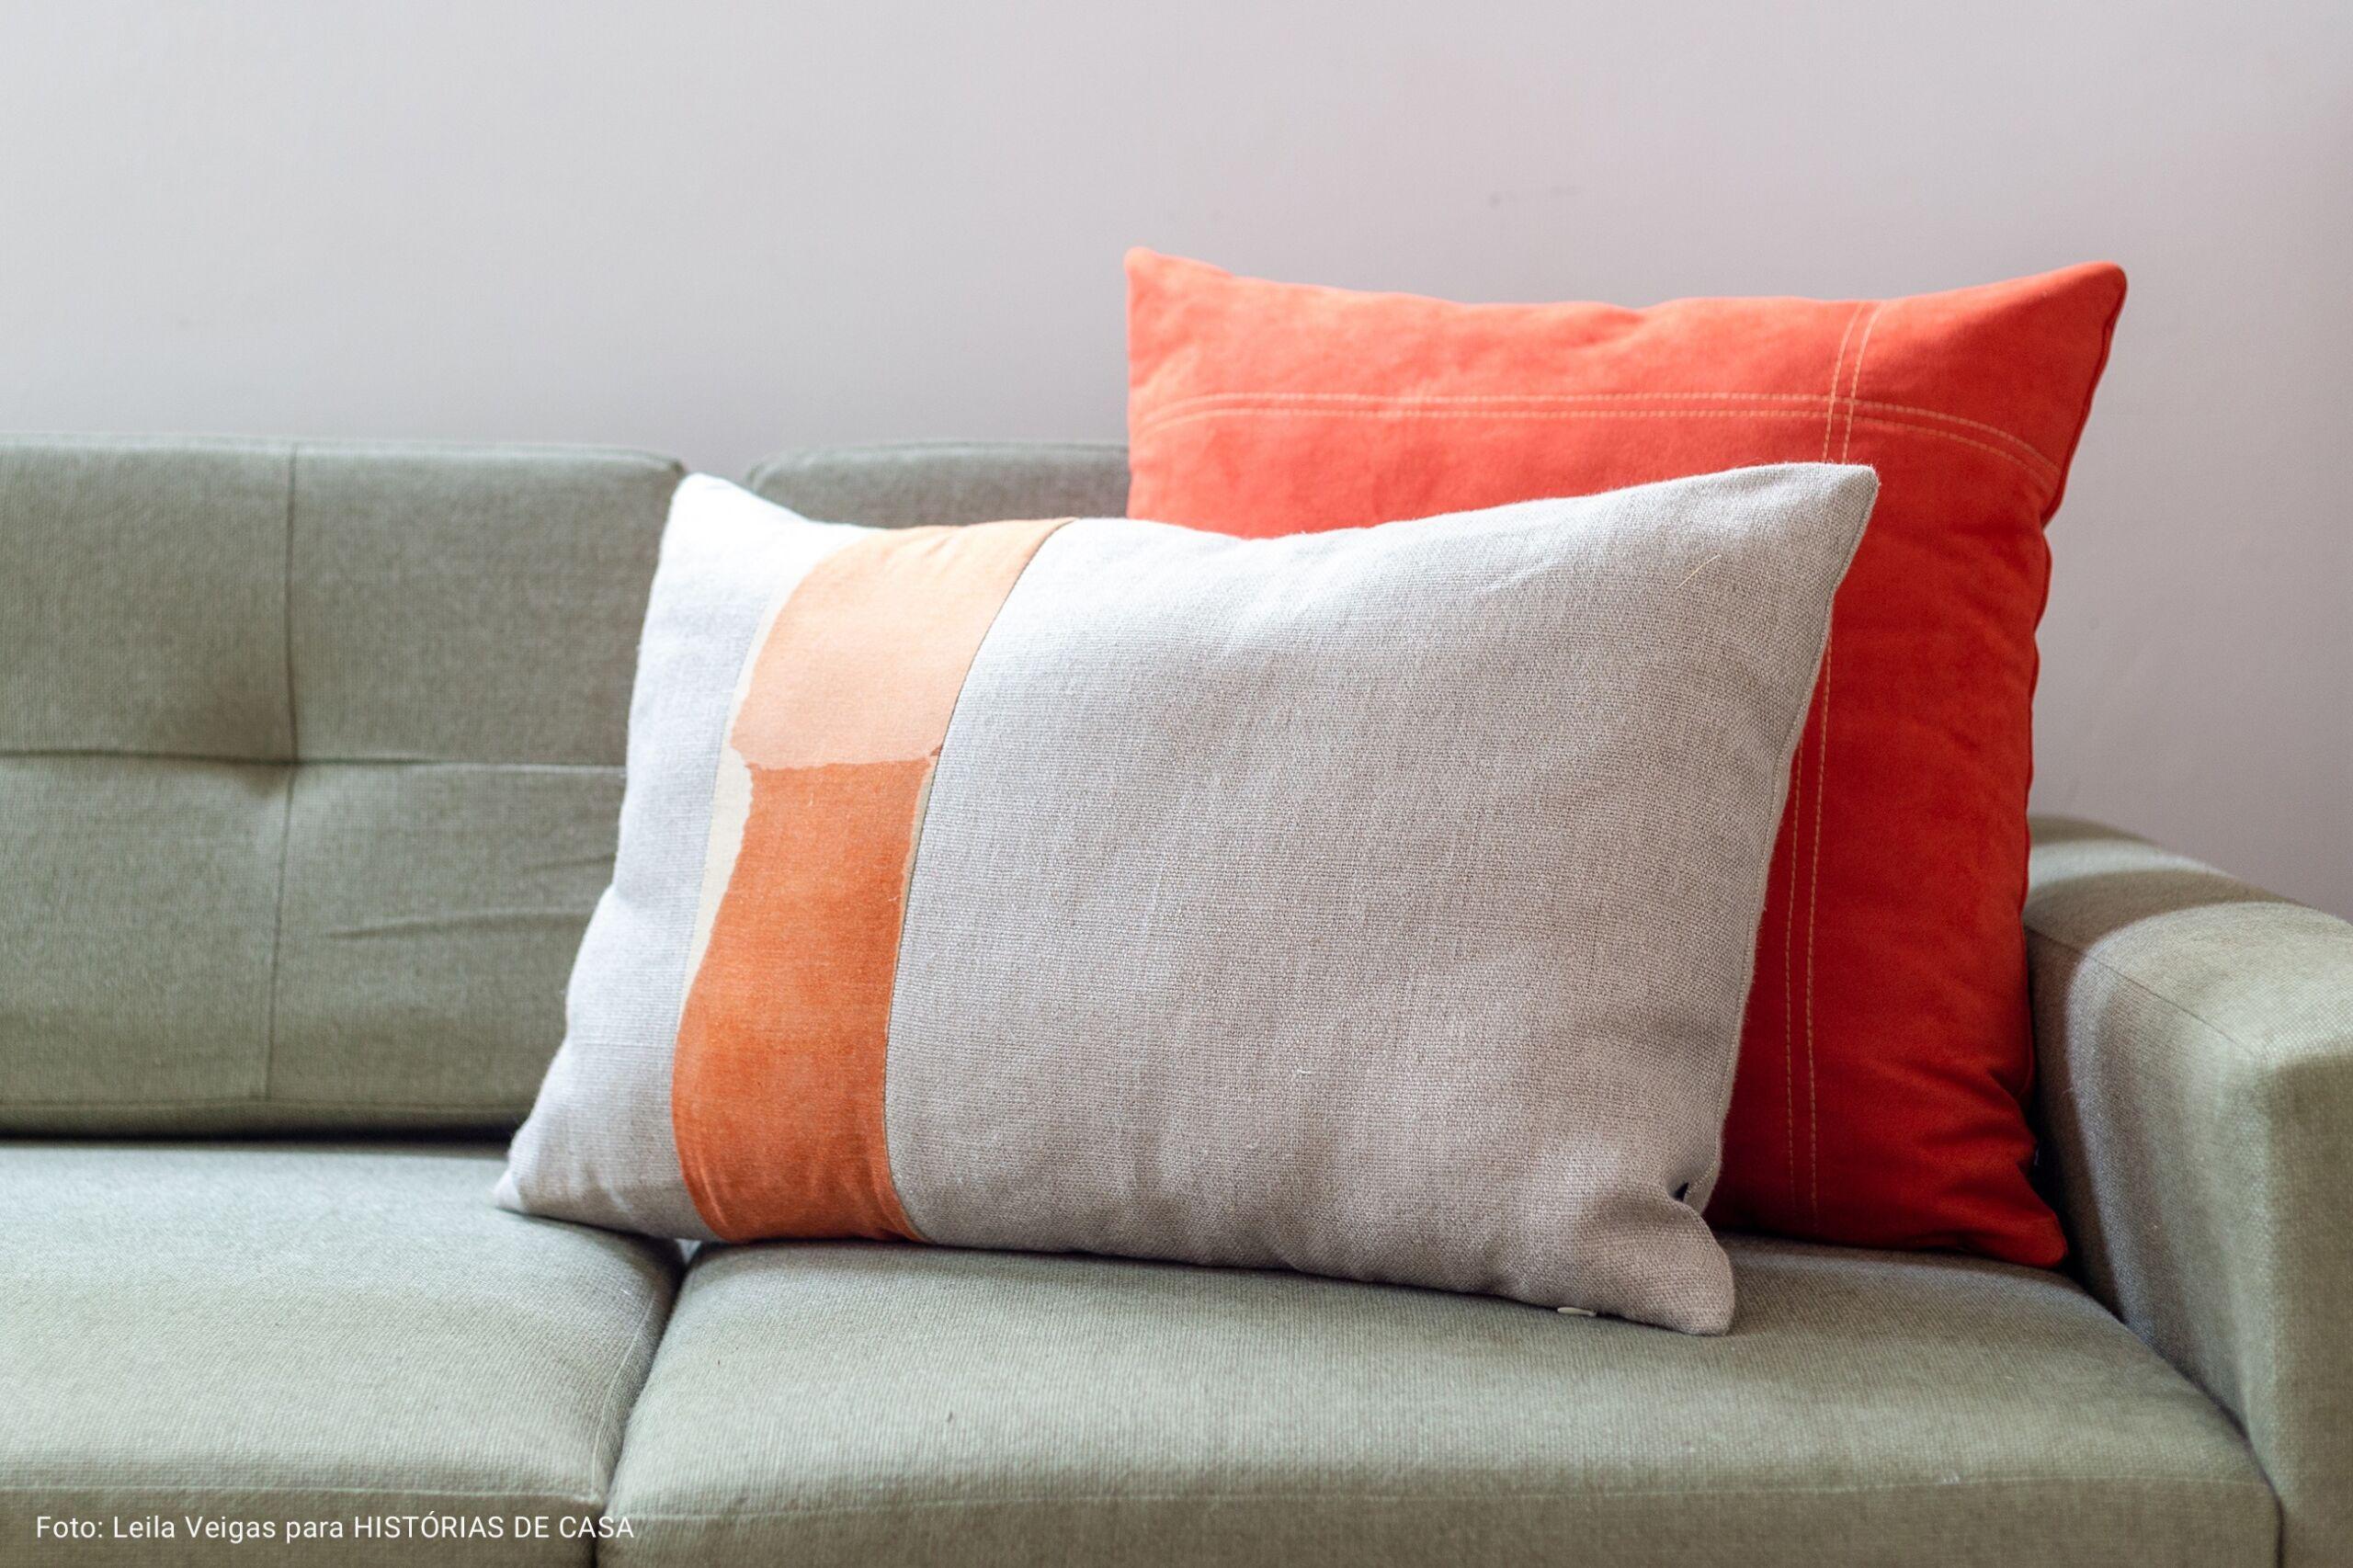 sofá com capa oliva